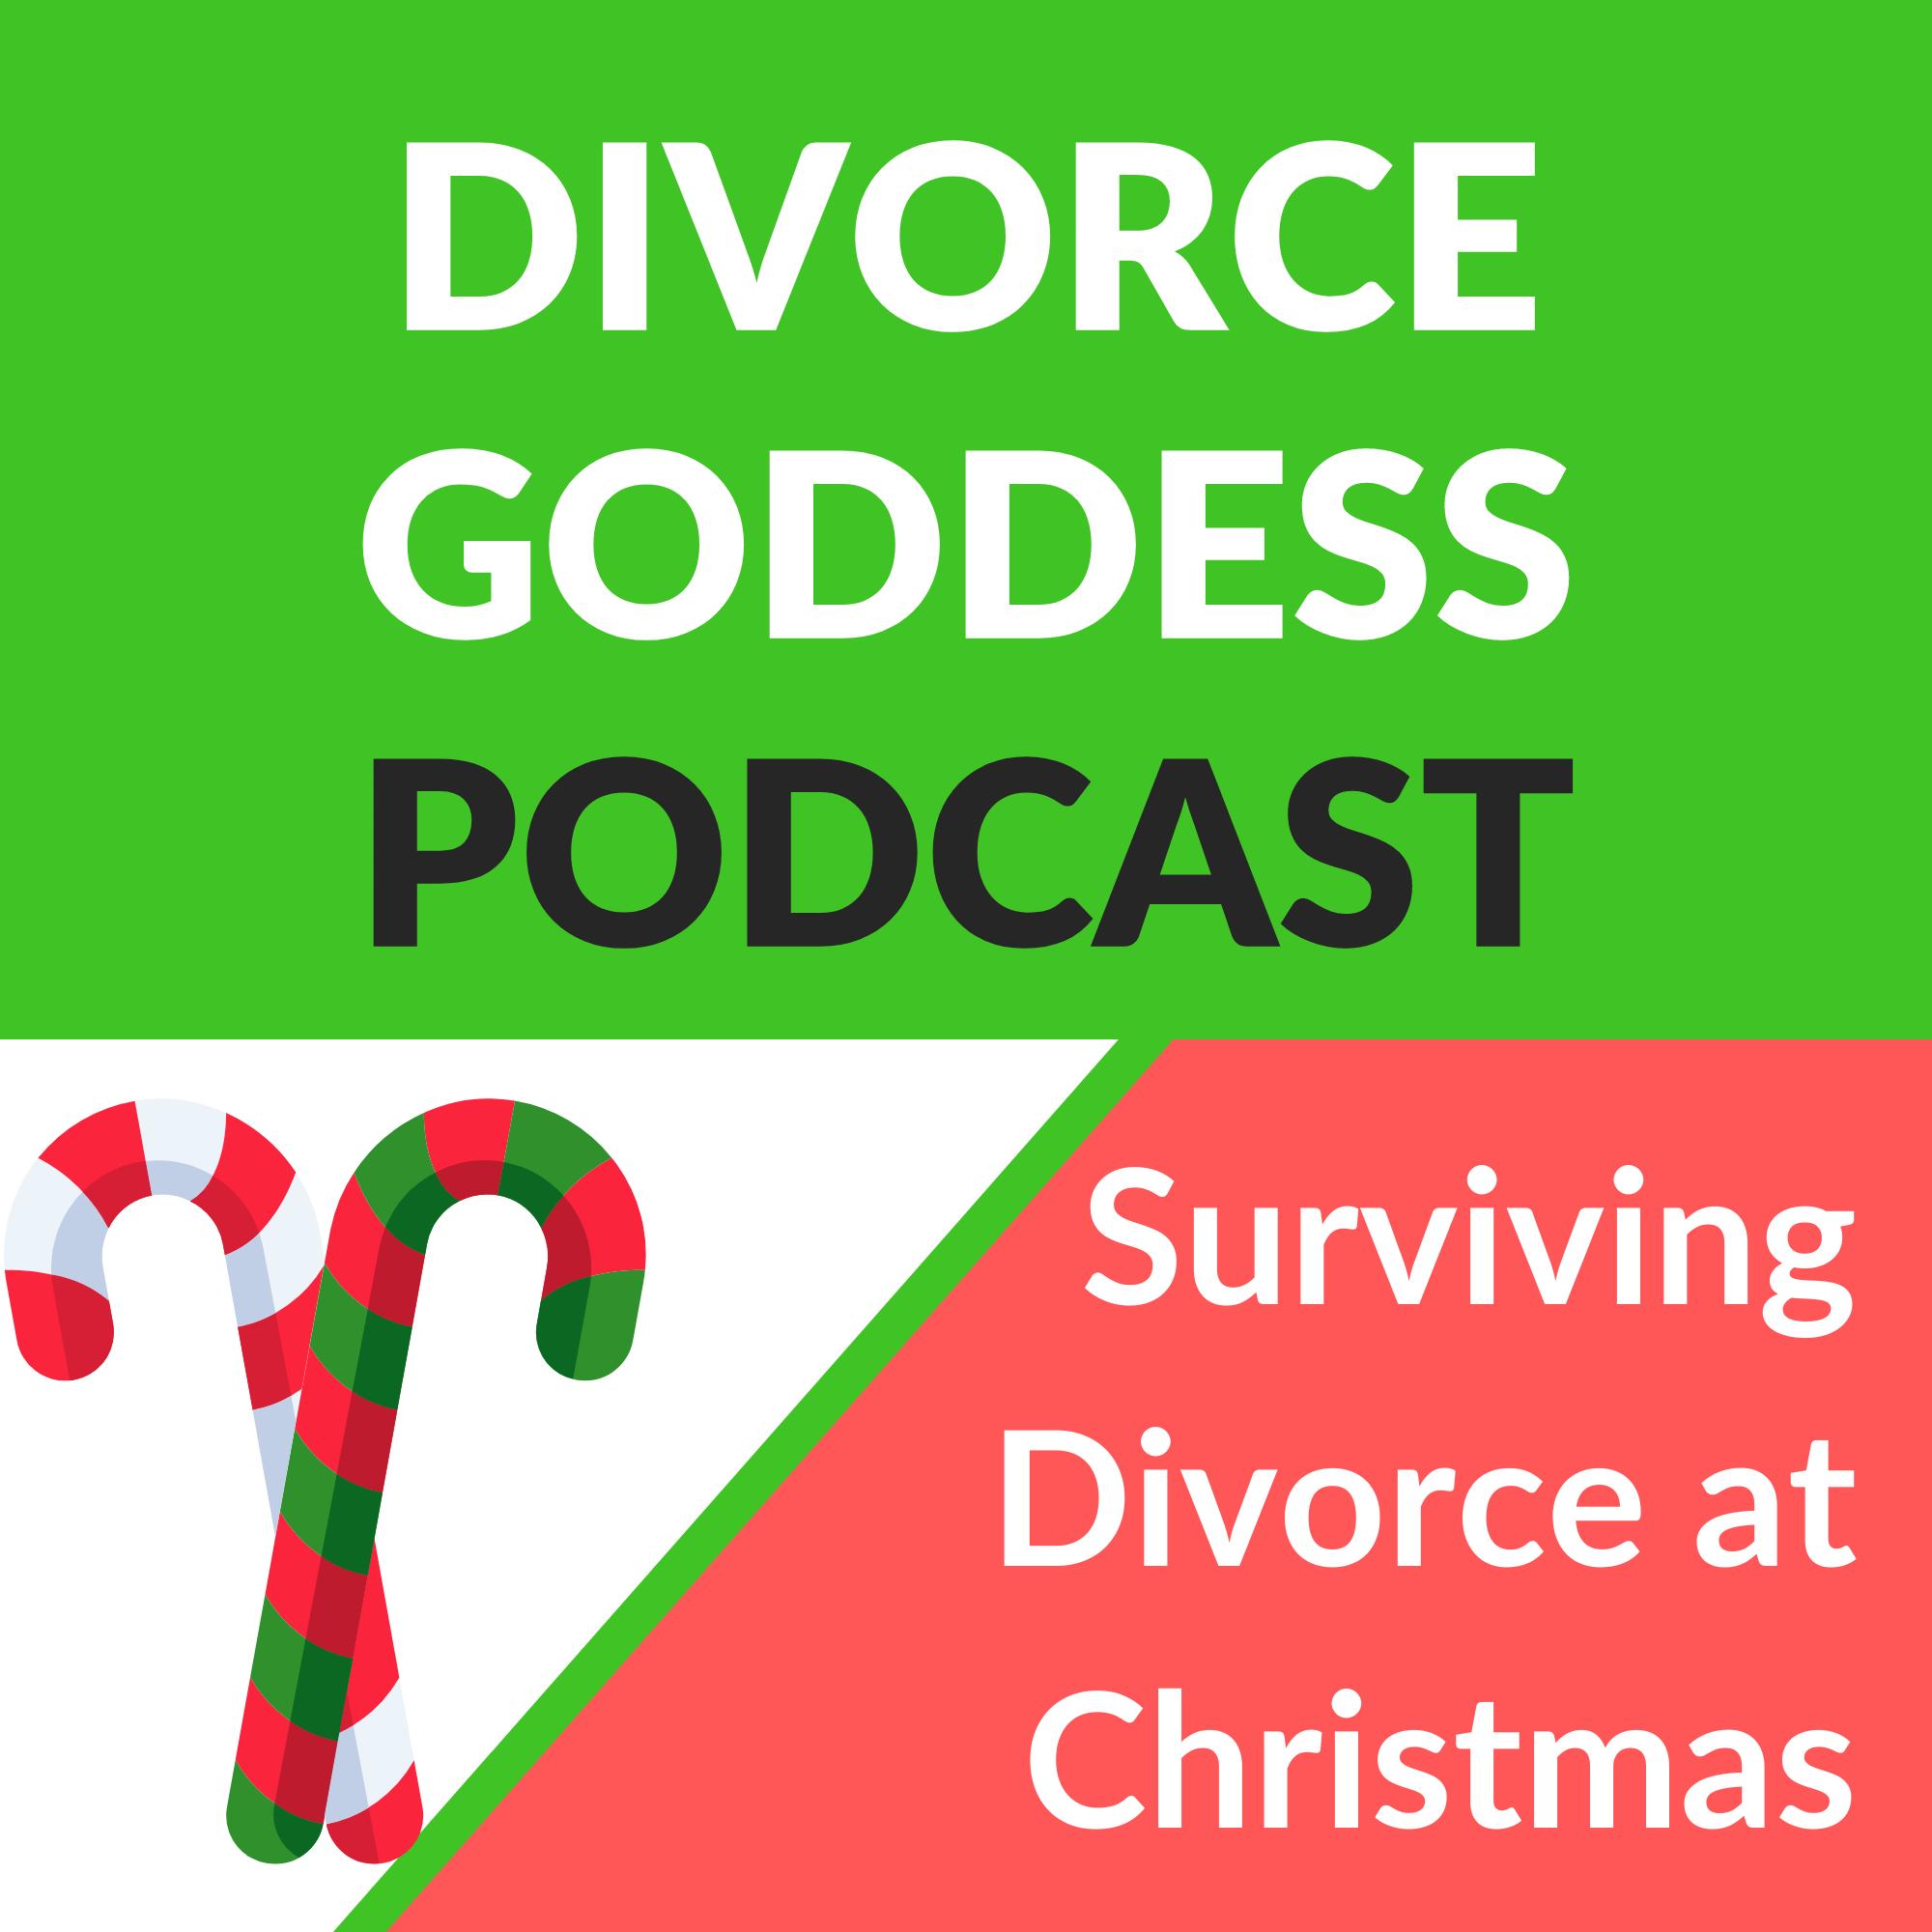 Divorce Goddess Podcast - Surviving Divorce at Christmas